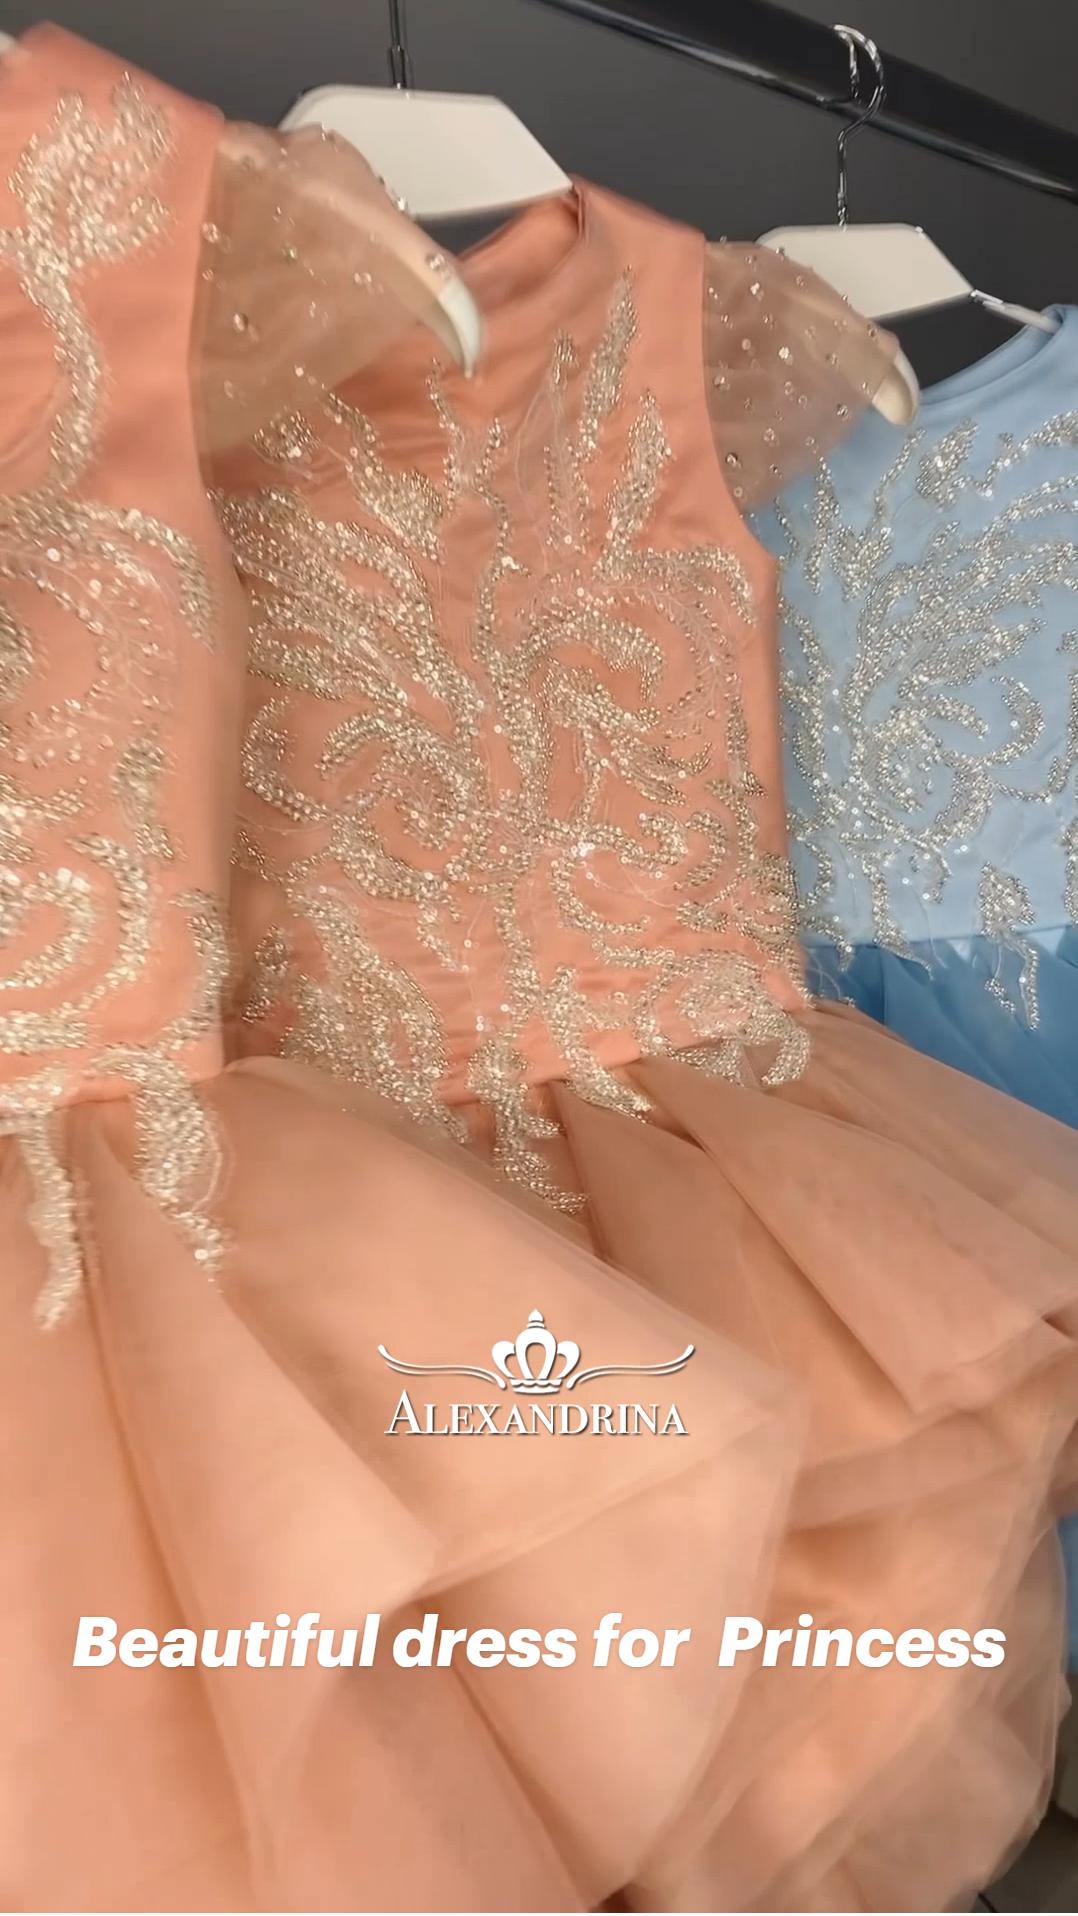 Beautiful dress for Princess